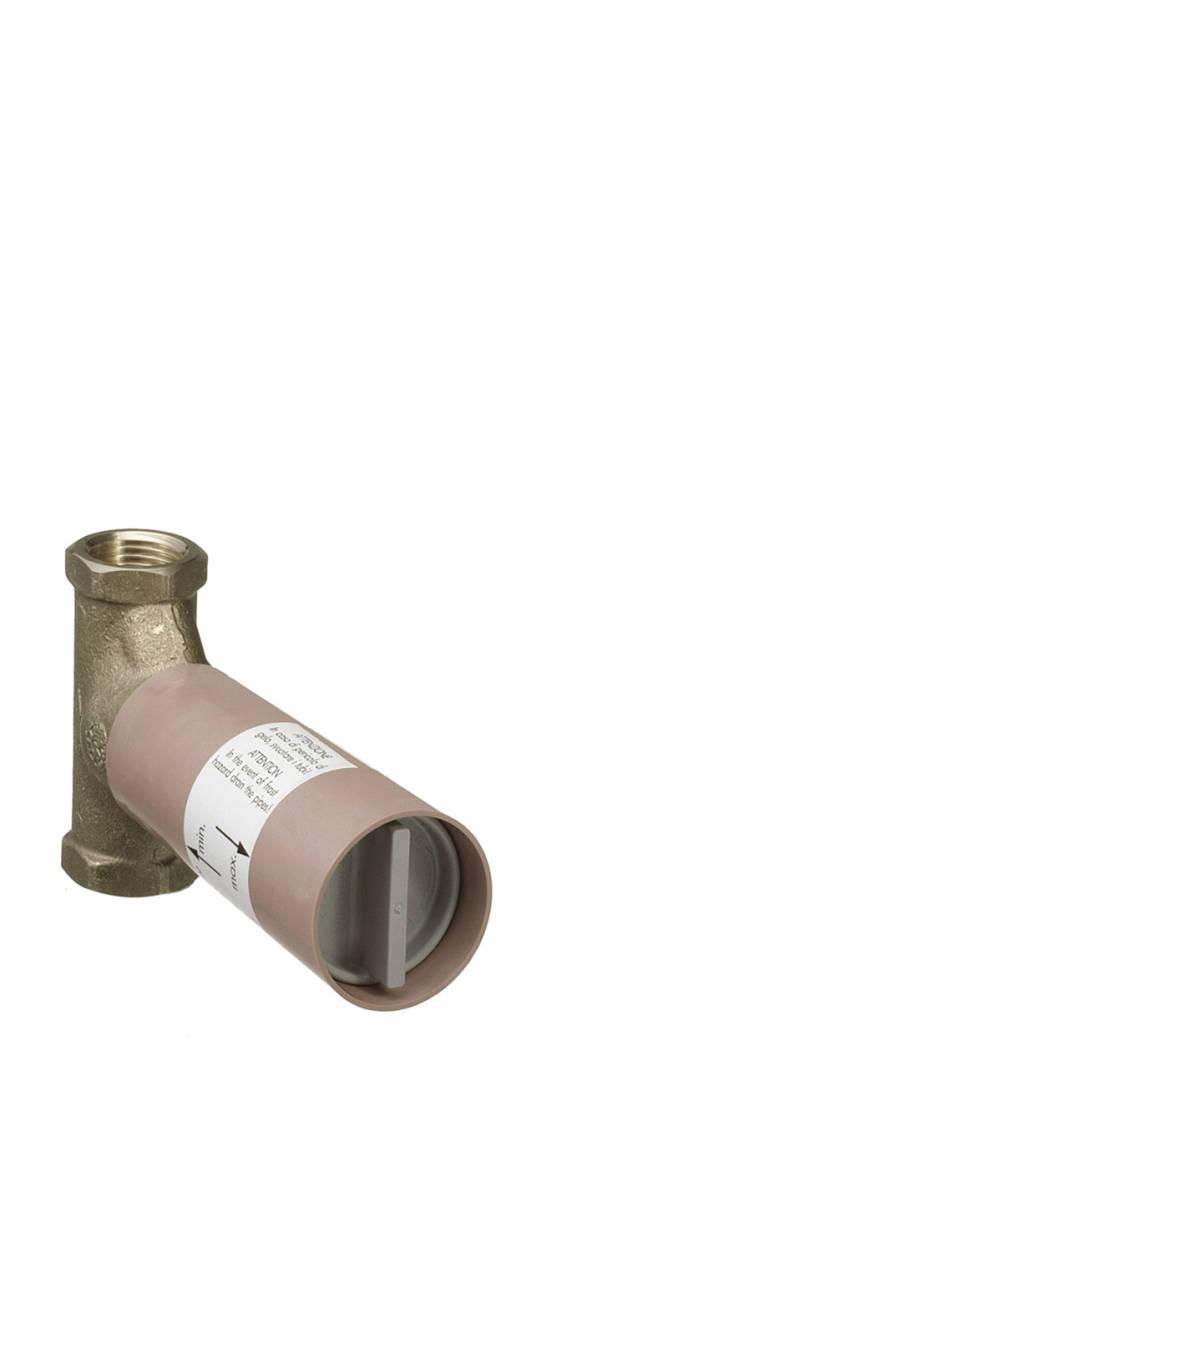 Basic set 130 l/min for shut-off valve for concealed installation spindle, n.a., 16970180